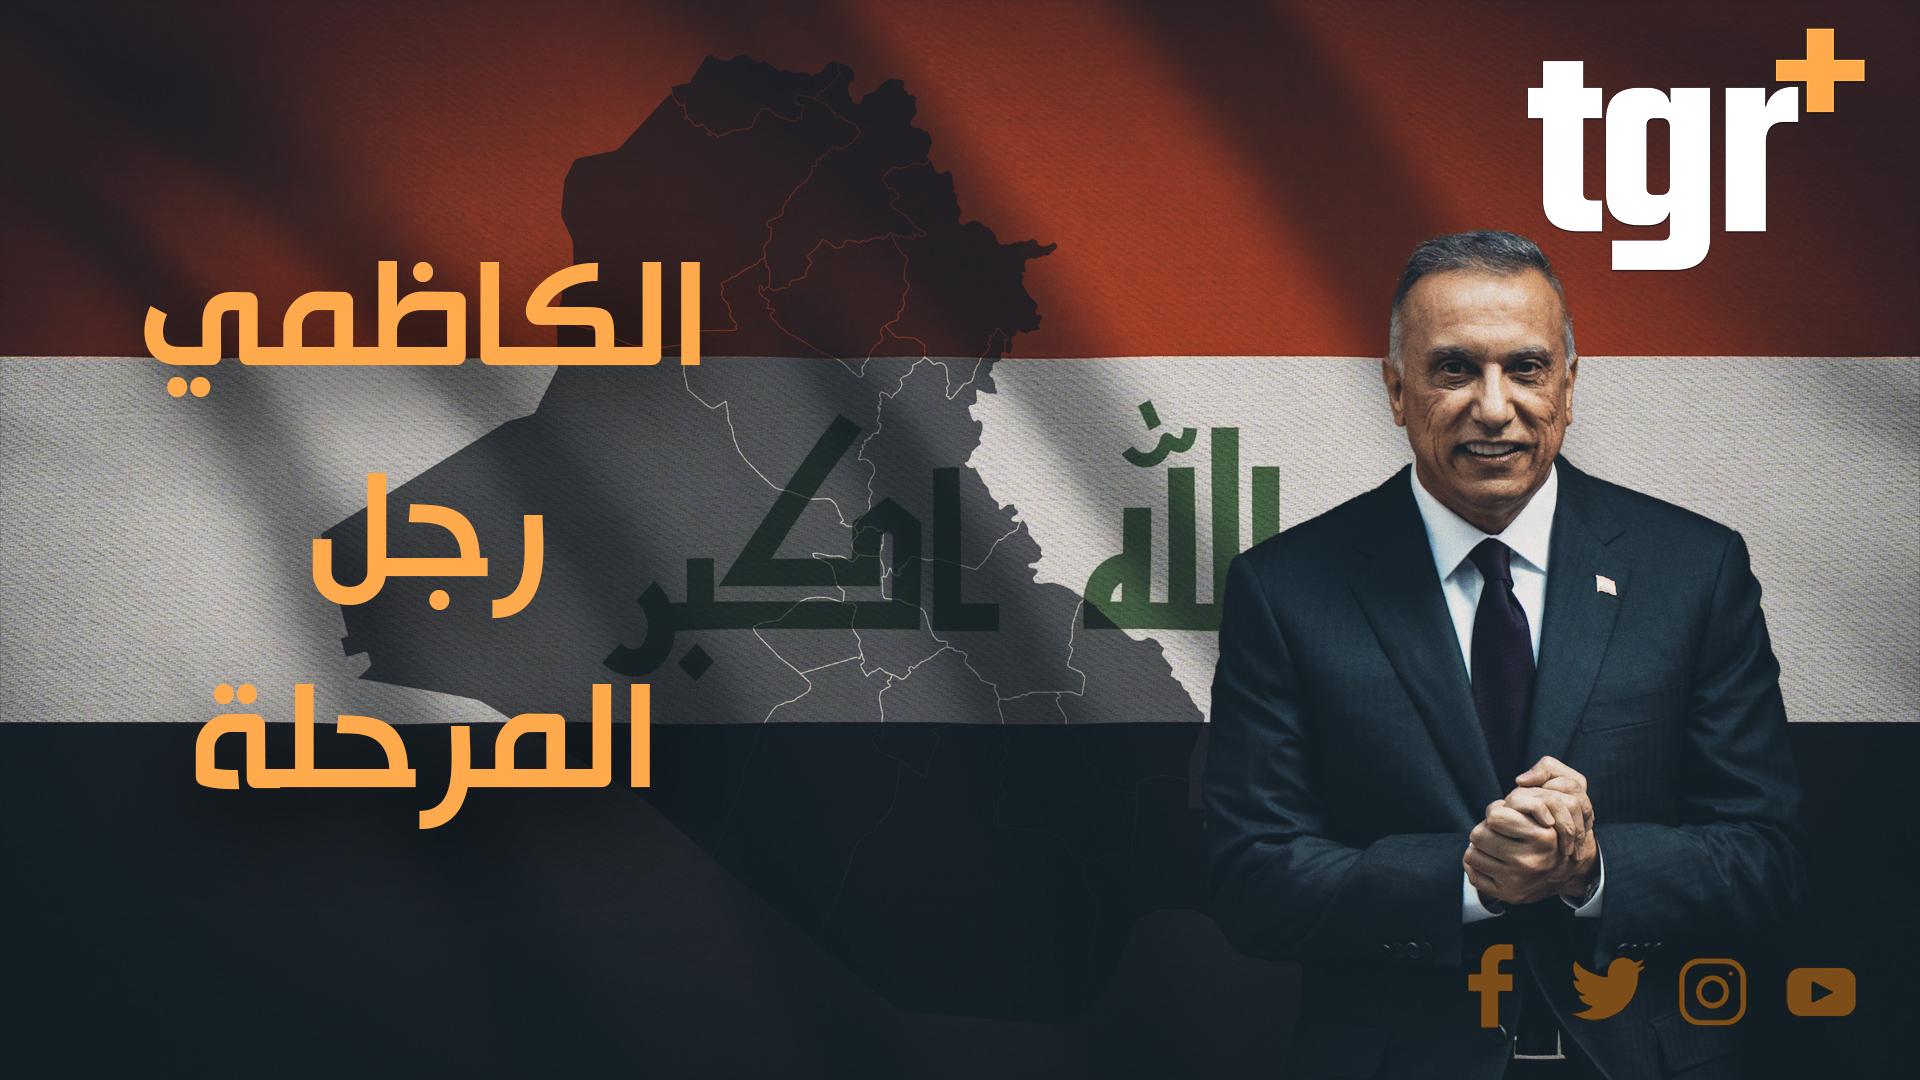 الكاظمي .. أول رئيس وزراء يجهز للانتخابات ولا يشارك فيها